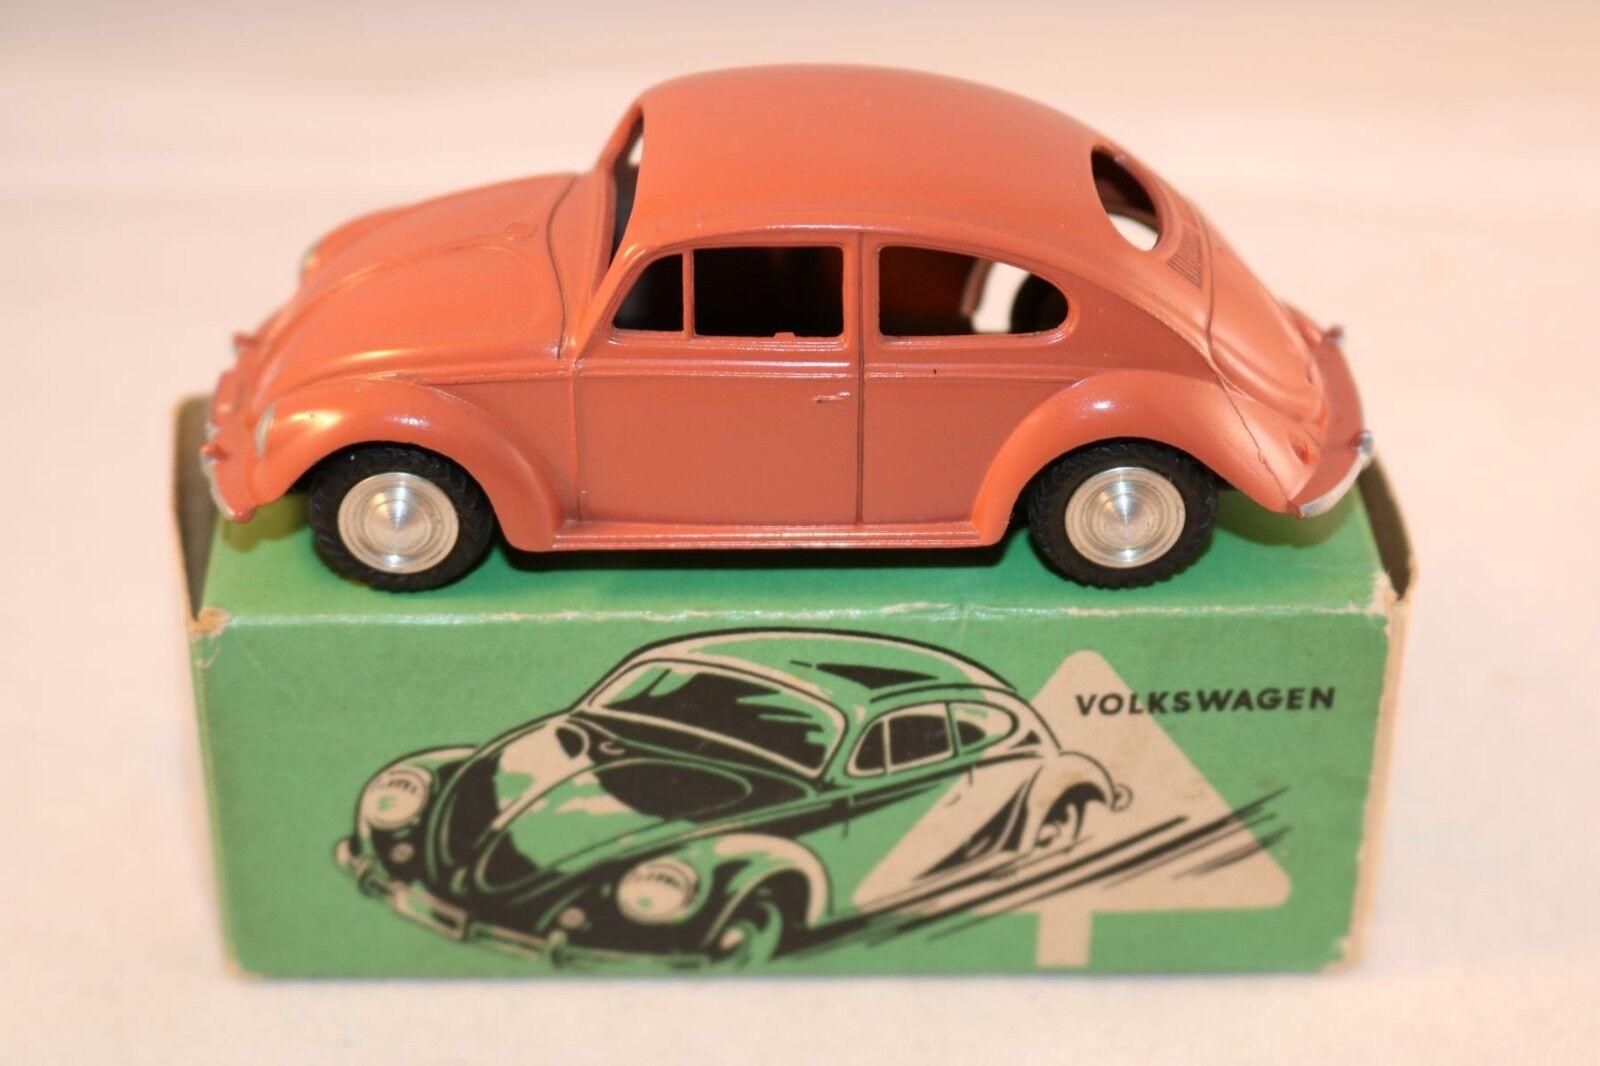 Marklin 8005 Volkswagen Kafer Beetle 99.9% mint in box 1e type very scarce model